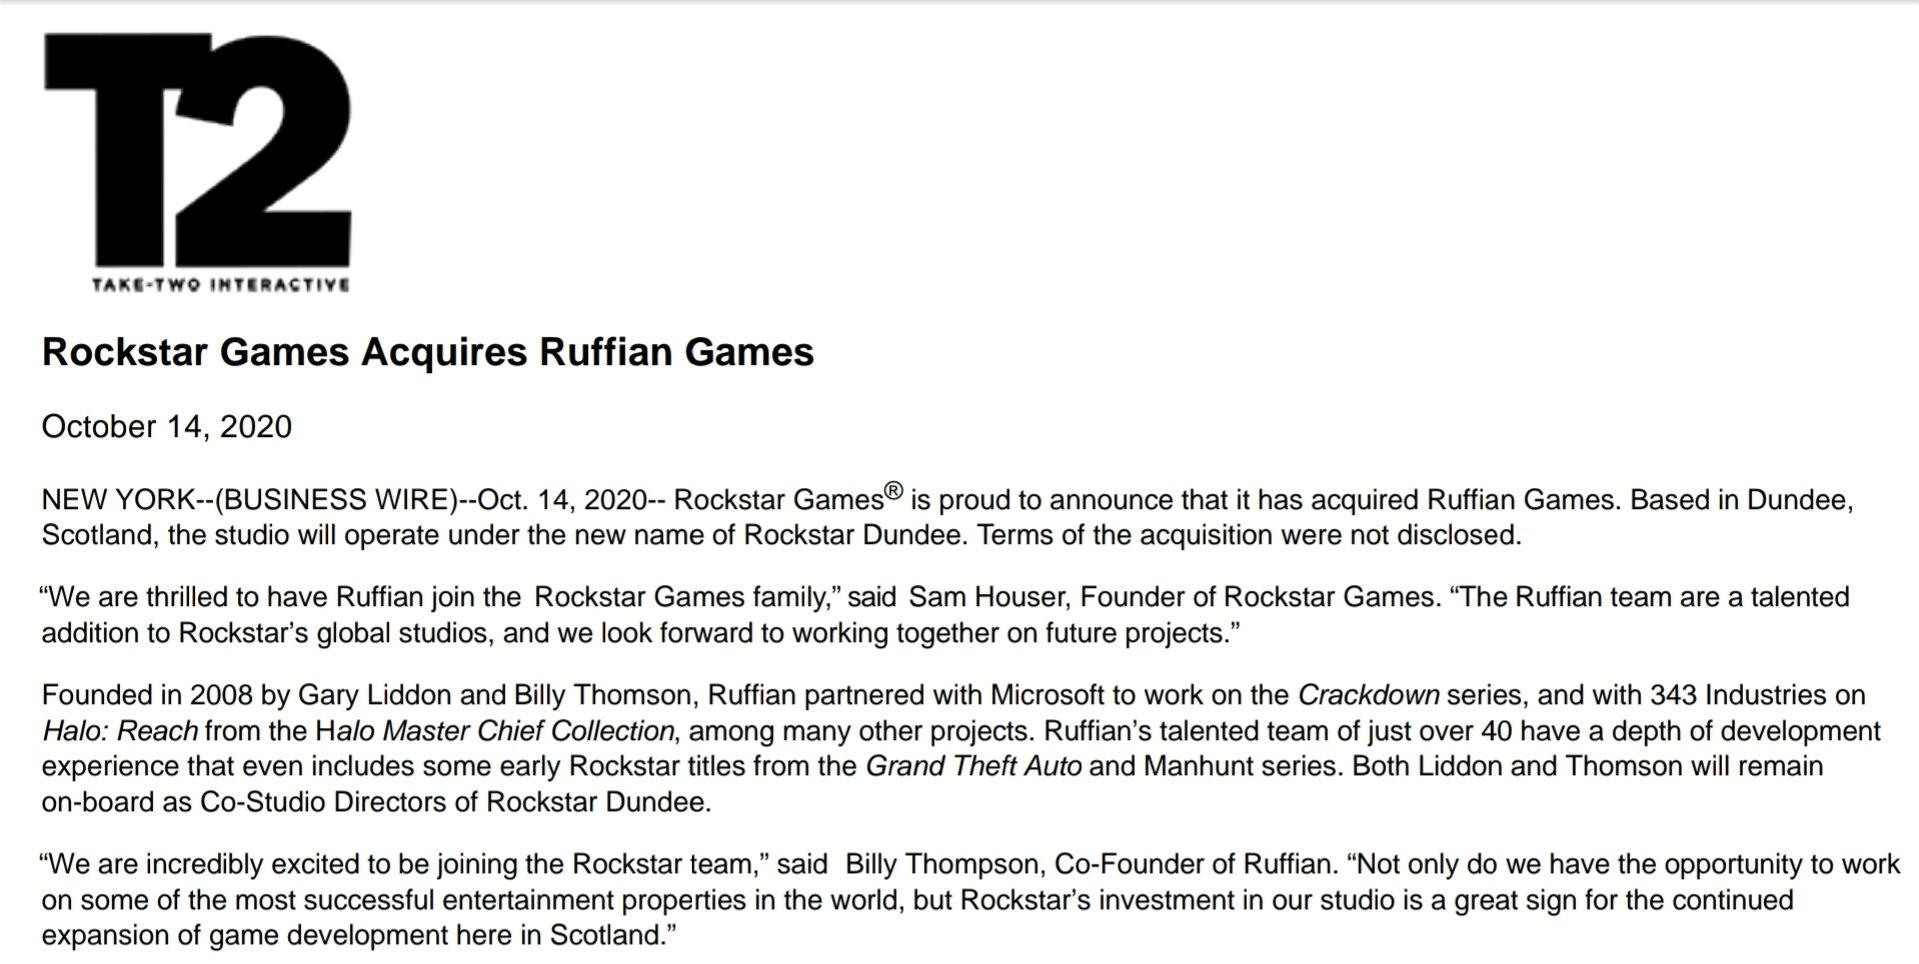 Confirmation Rachat Ruffian Games Rockstar Dundee